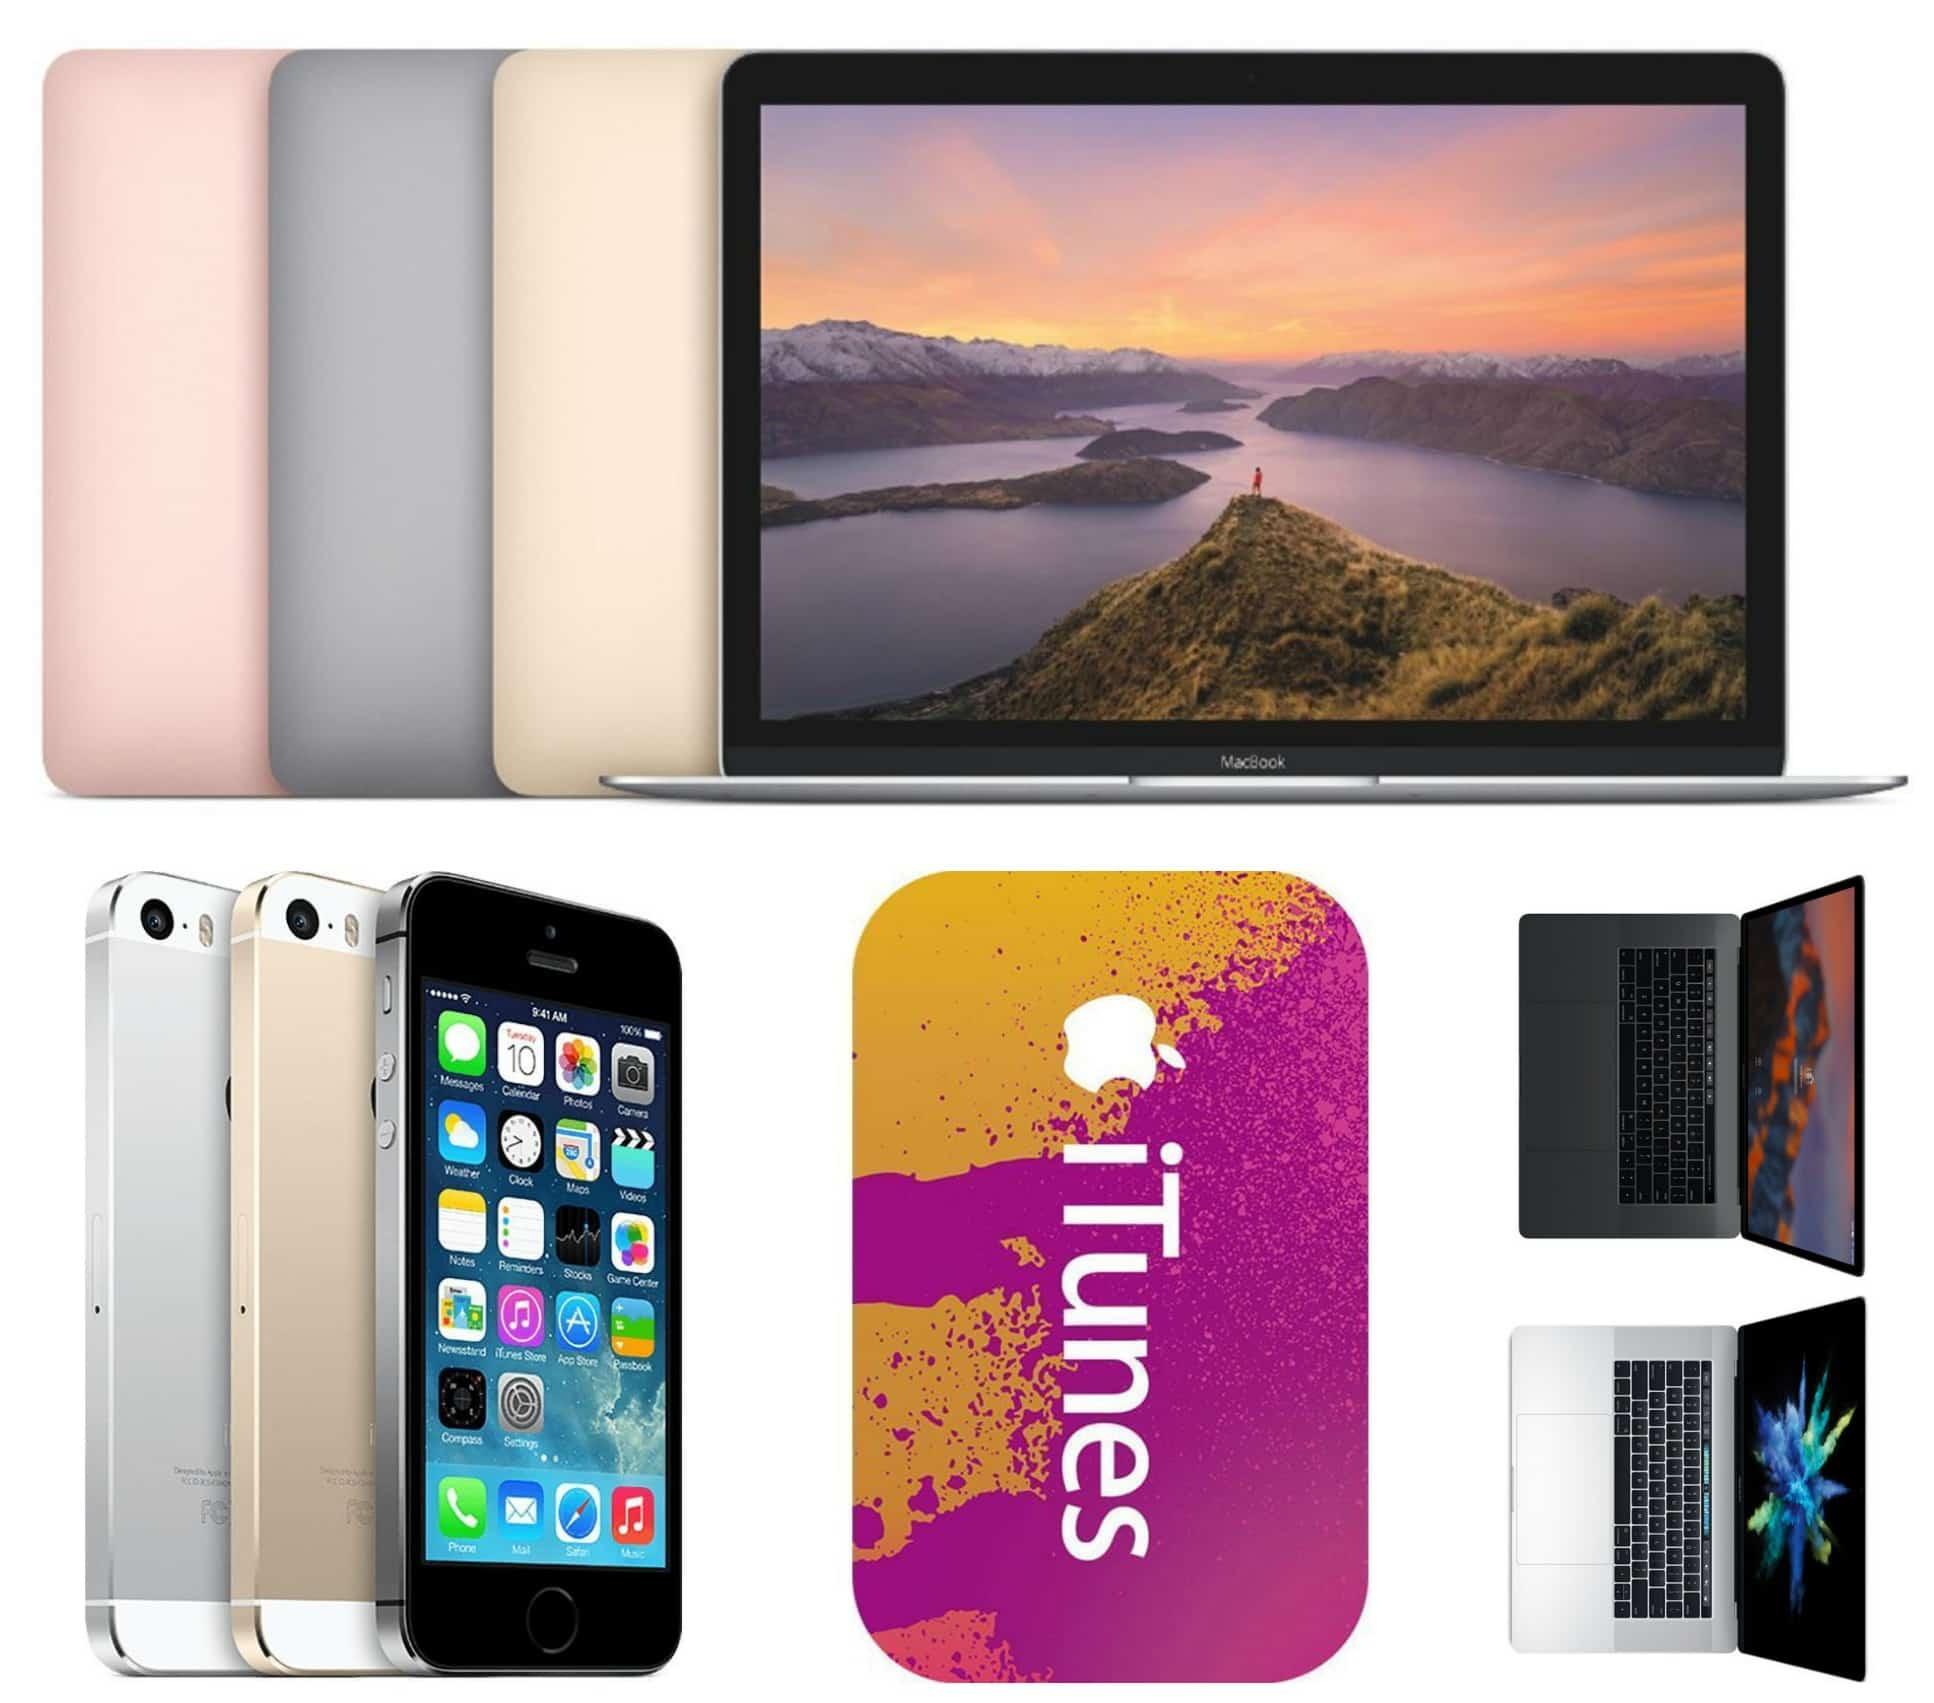 Apple deals on MacBook, iPhone 5s, MacBook Pro, iTunes Gift Cardsåç